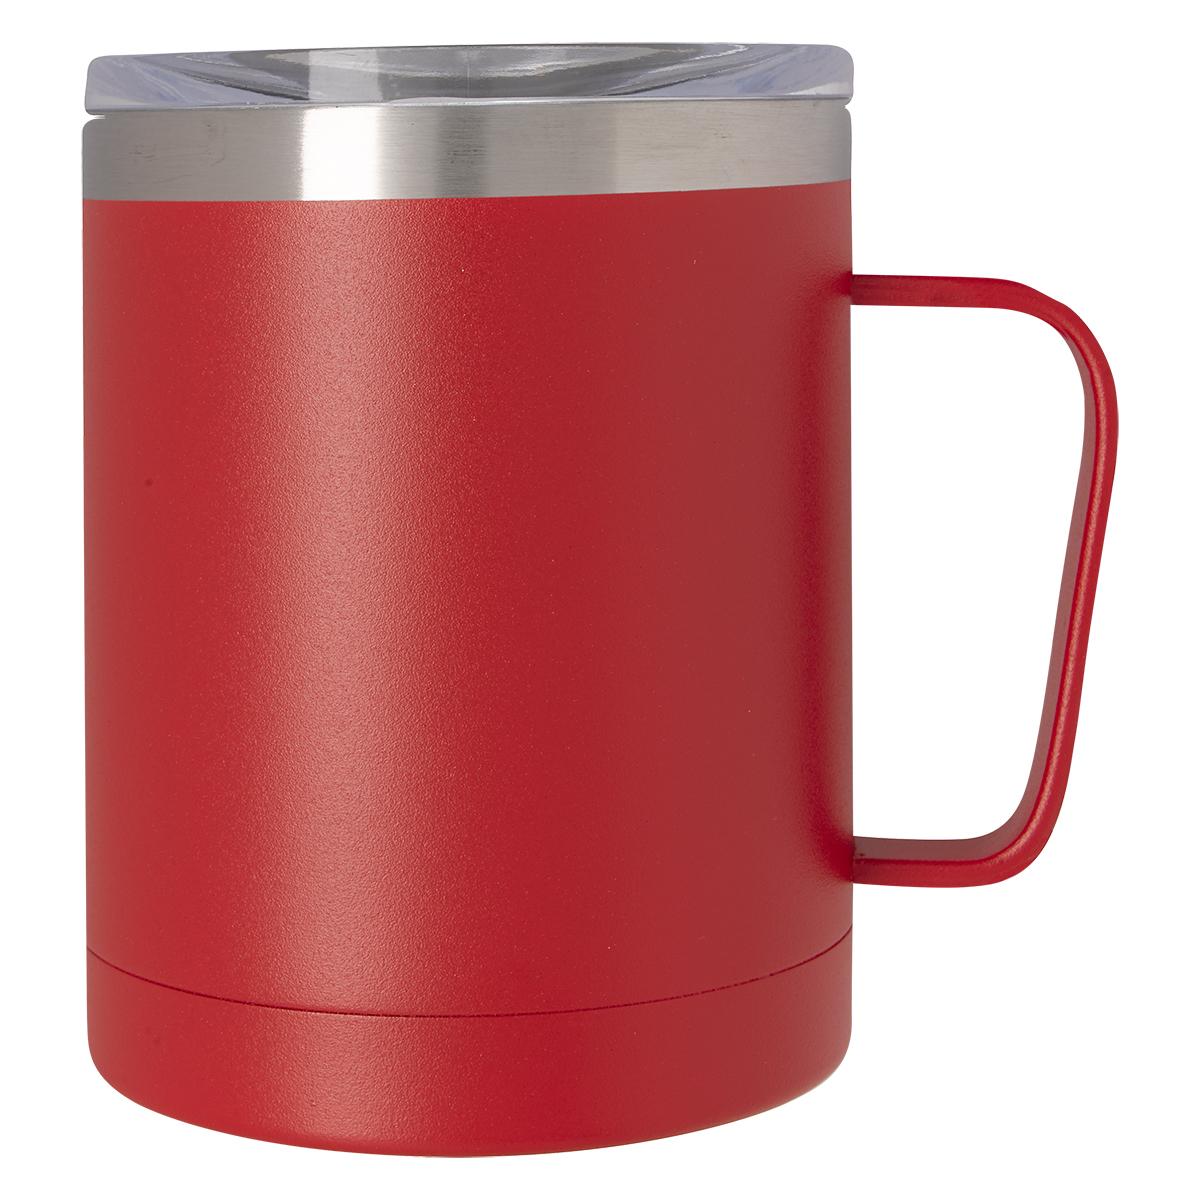 12 Oz. Concord Mug